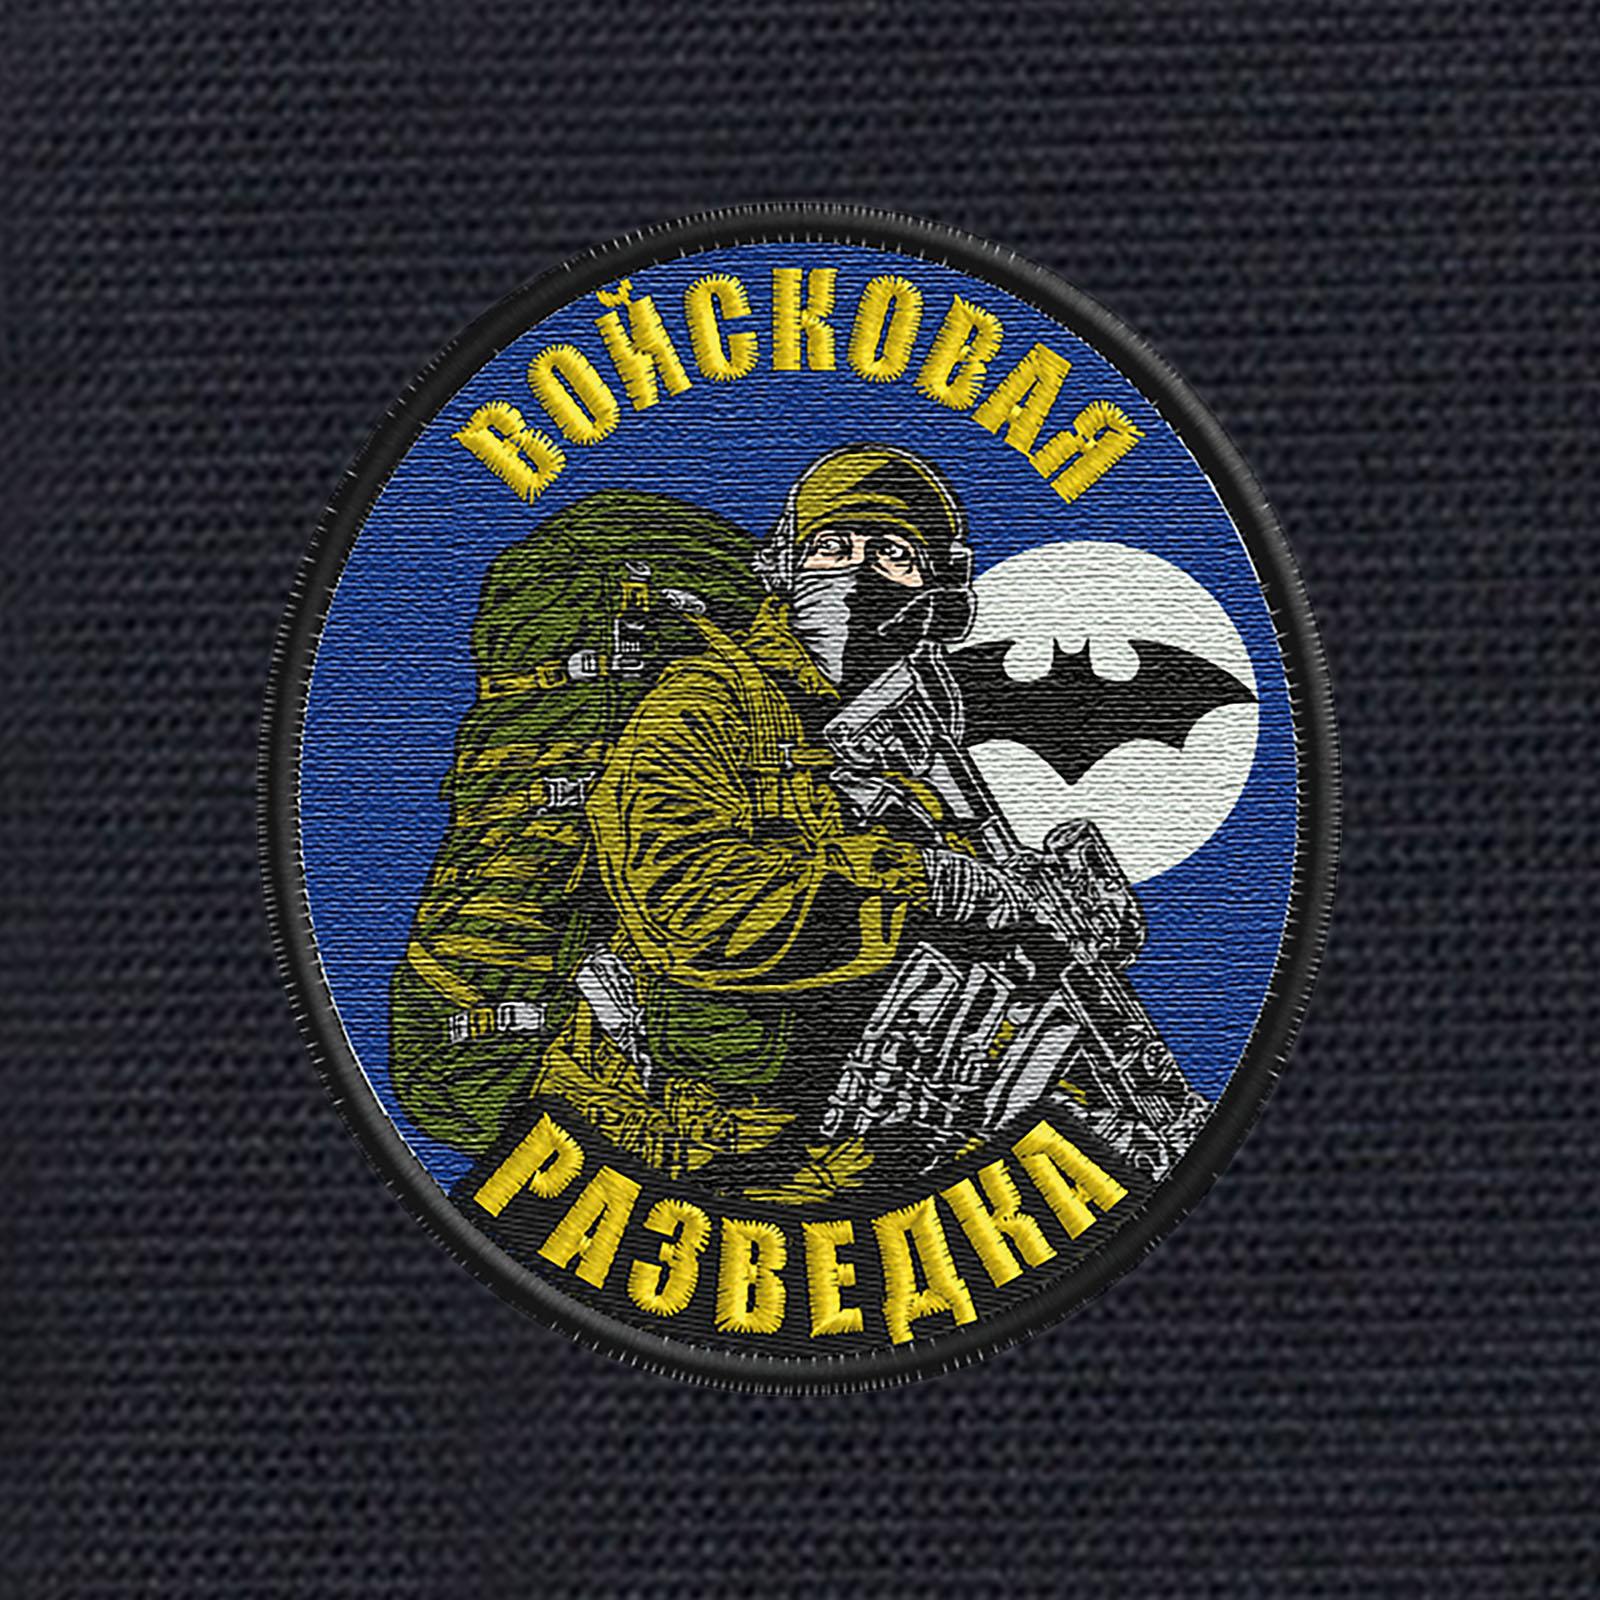 Черный практичный рюкзак с нашивкой Войсковой разведки купить выгодно